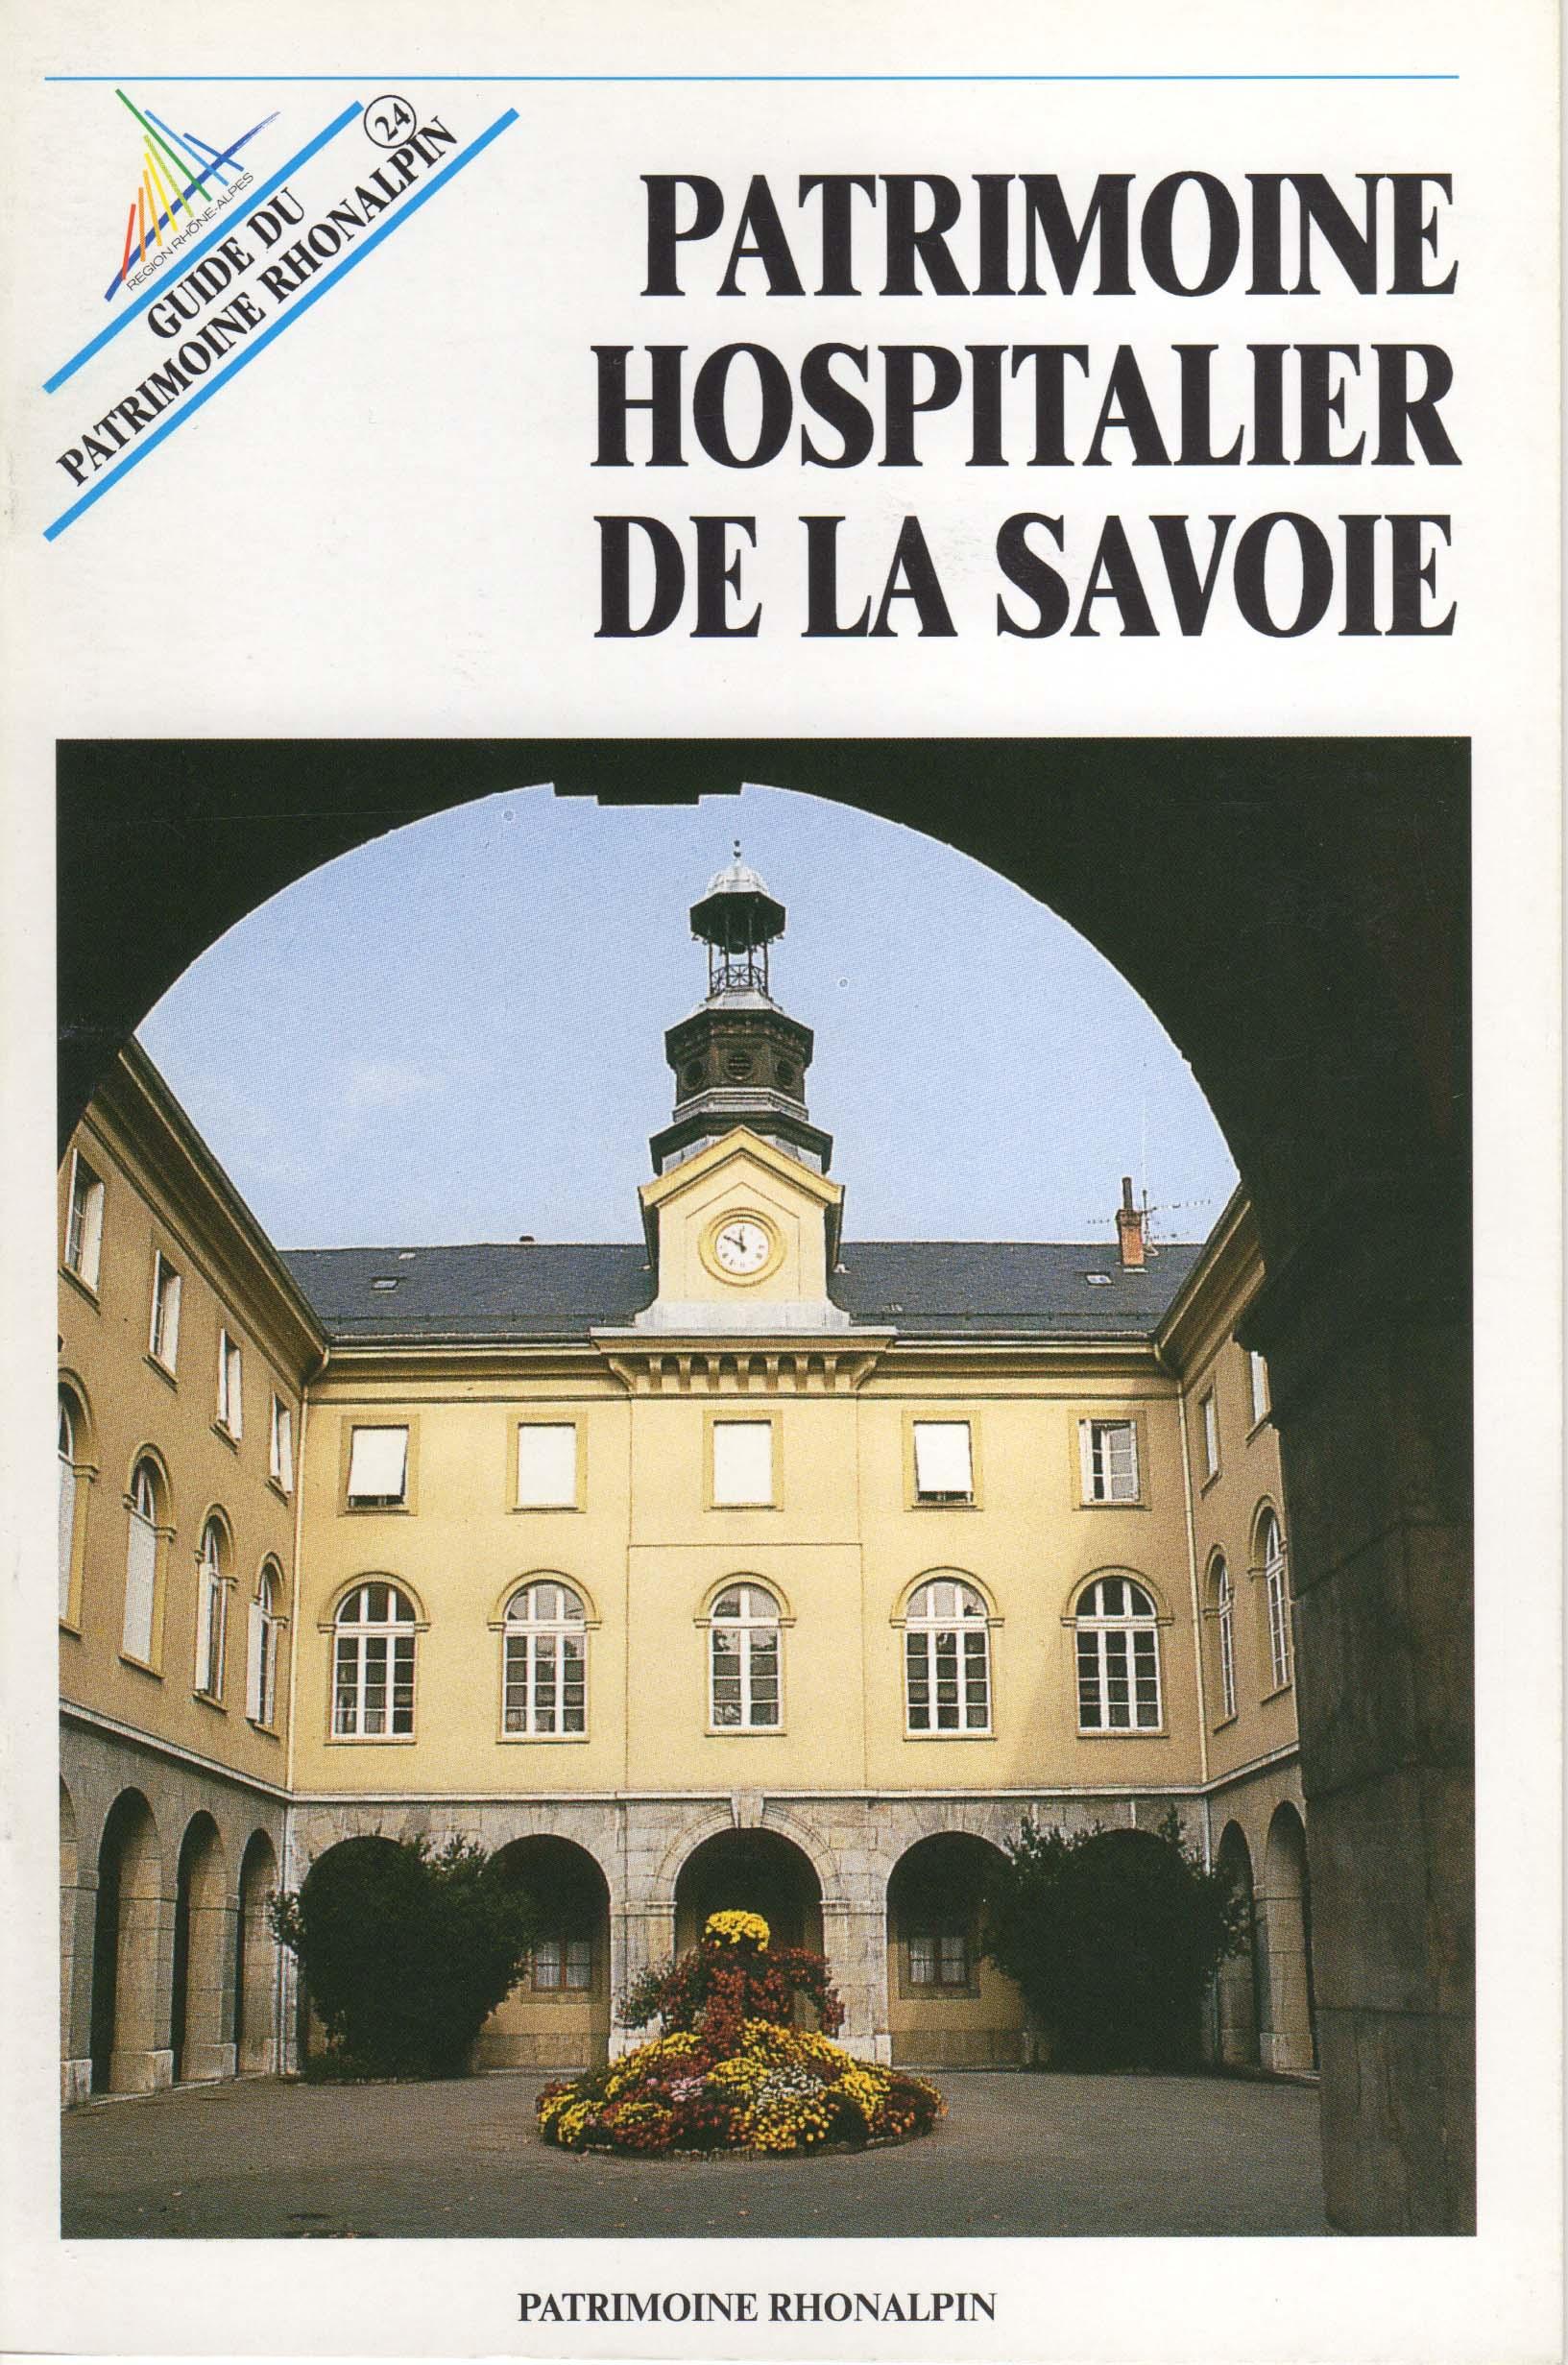 Guide n°24 – Patrimoine hospitalier de la Savoie